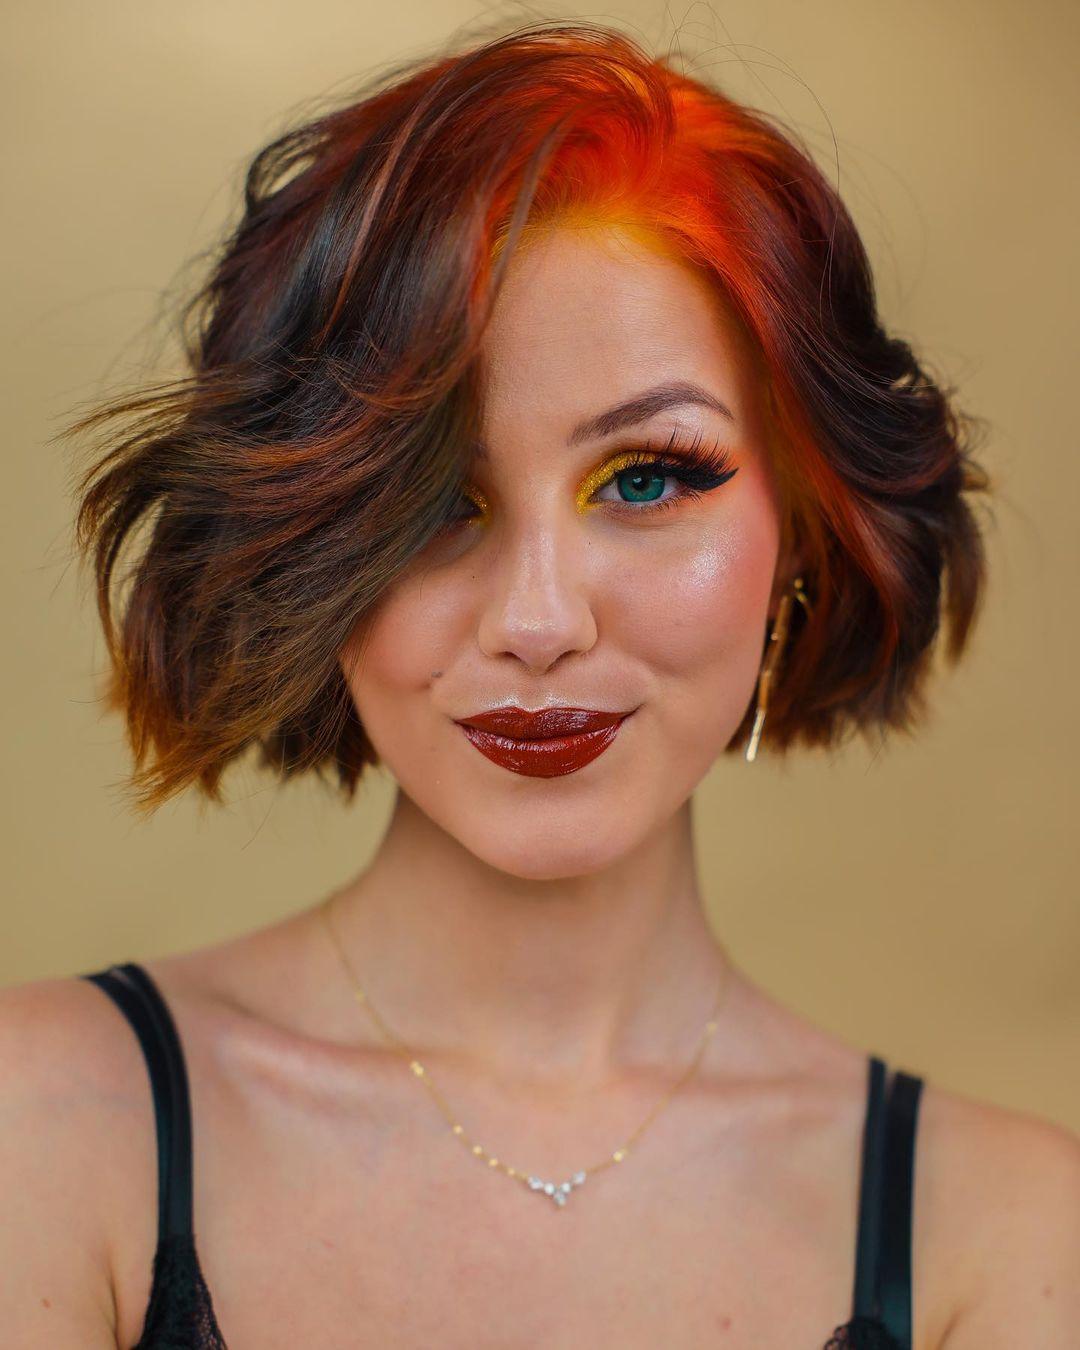 Stilvolle kurze Bob-Haarschnitte für dickes Haar |  Frauen Kurzhaar Ideen 2021 - 2022